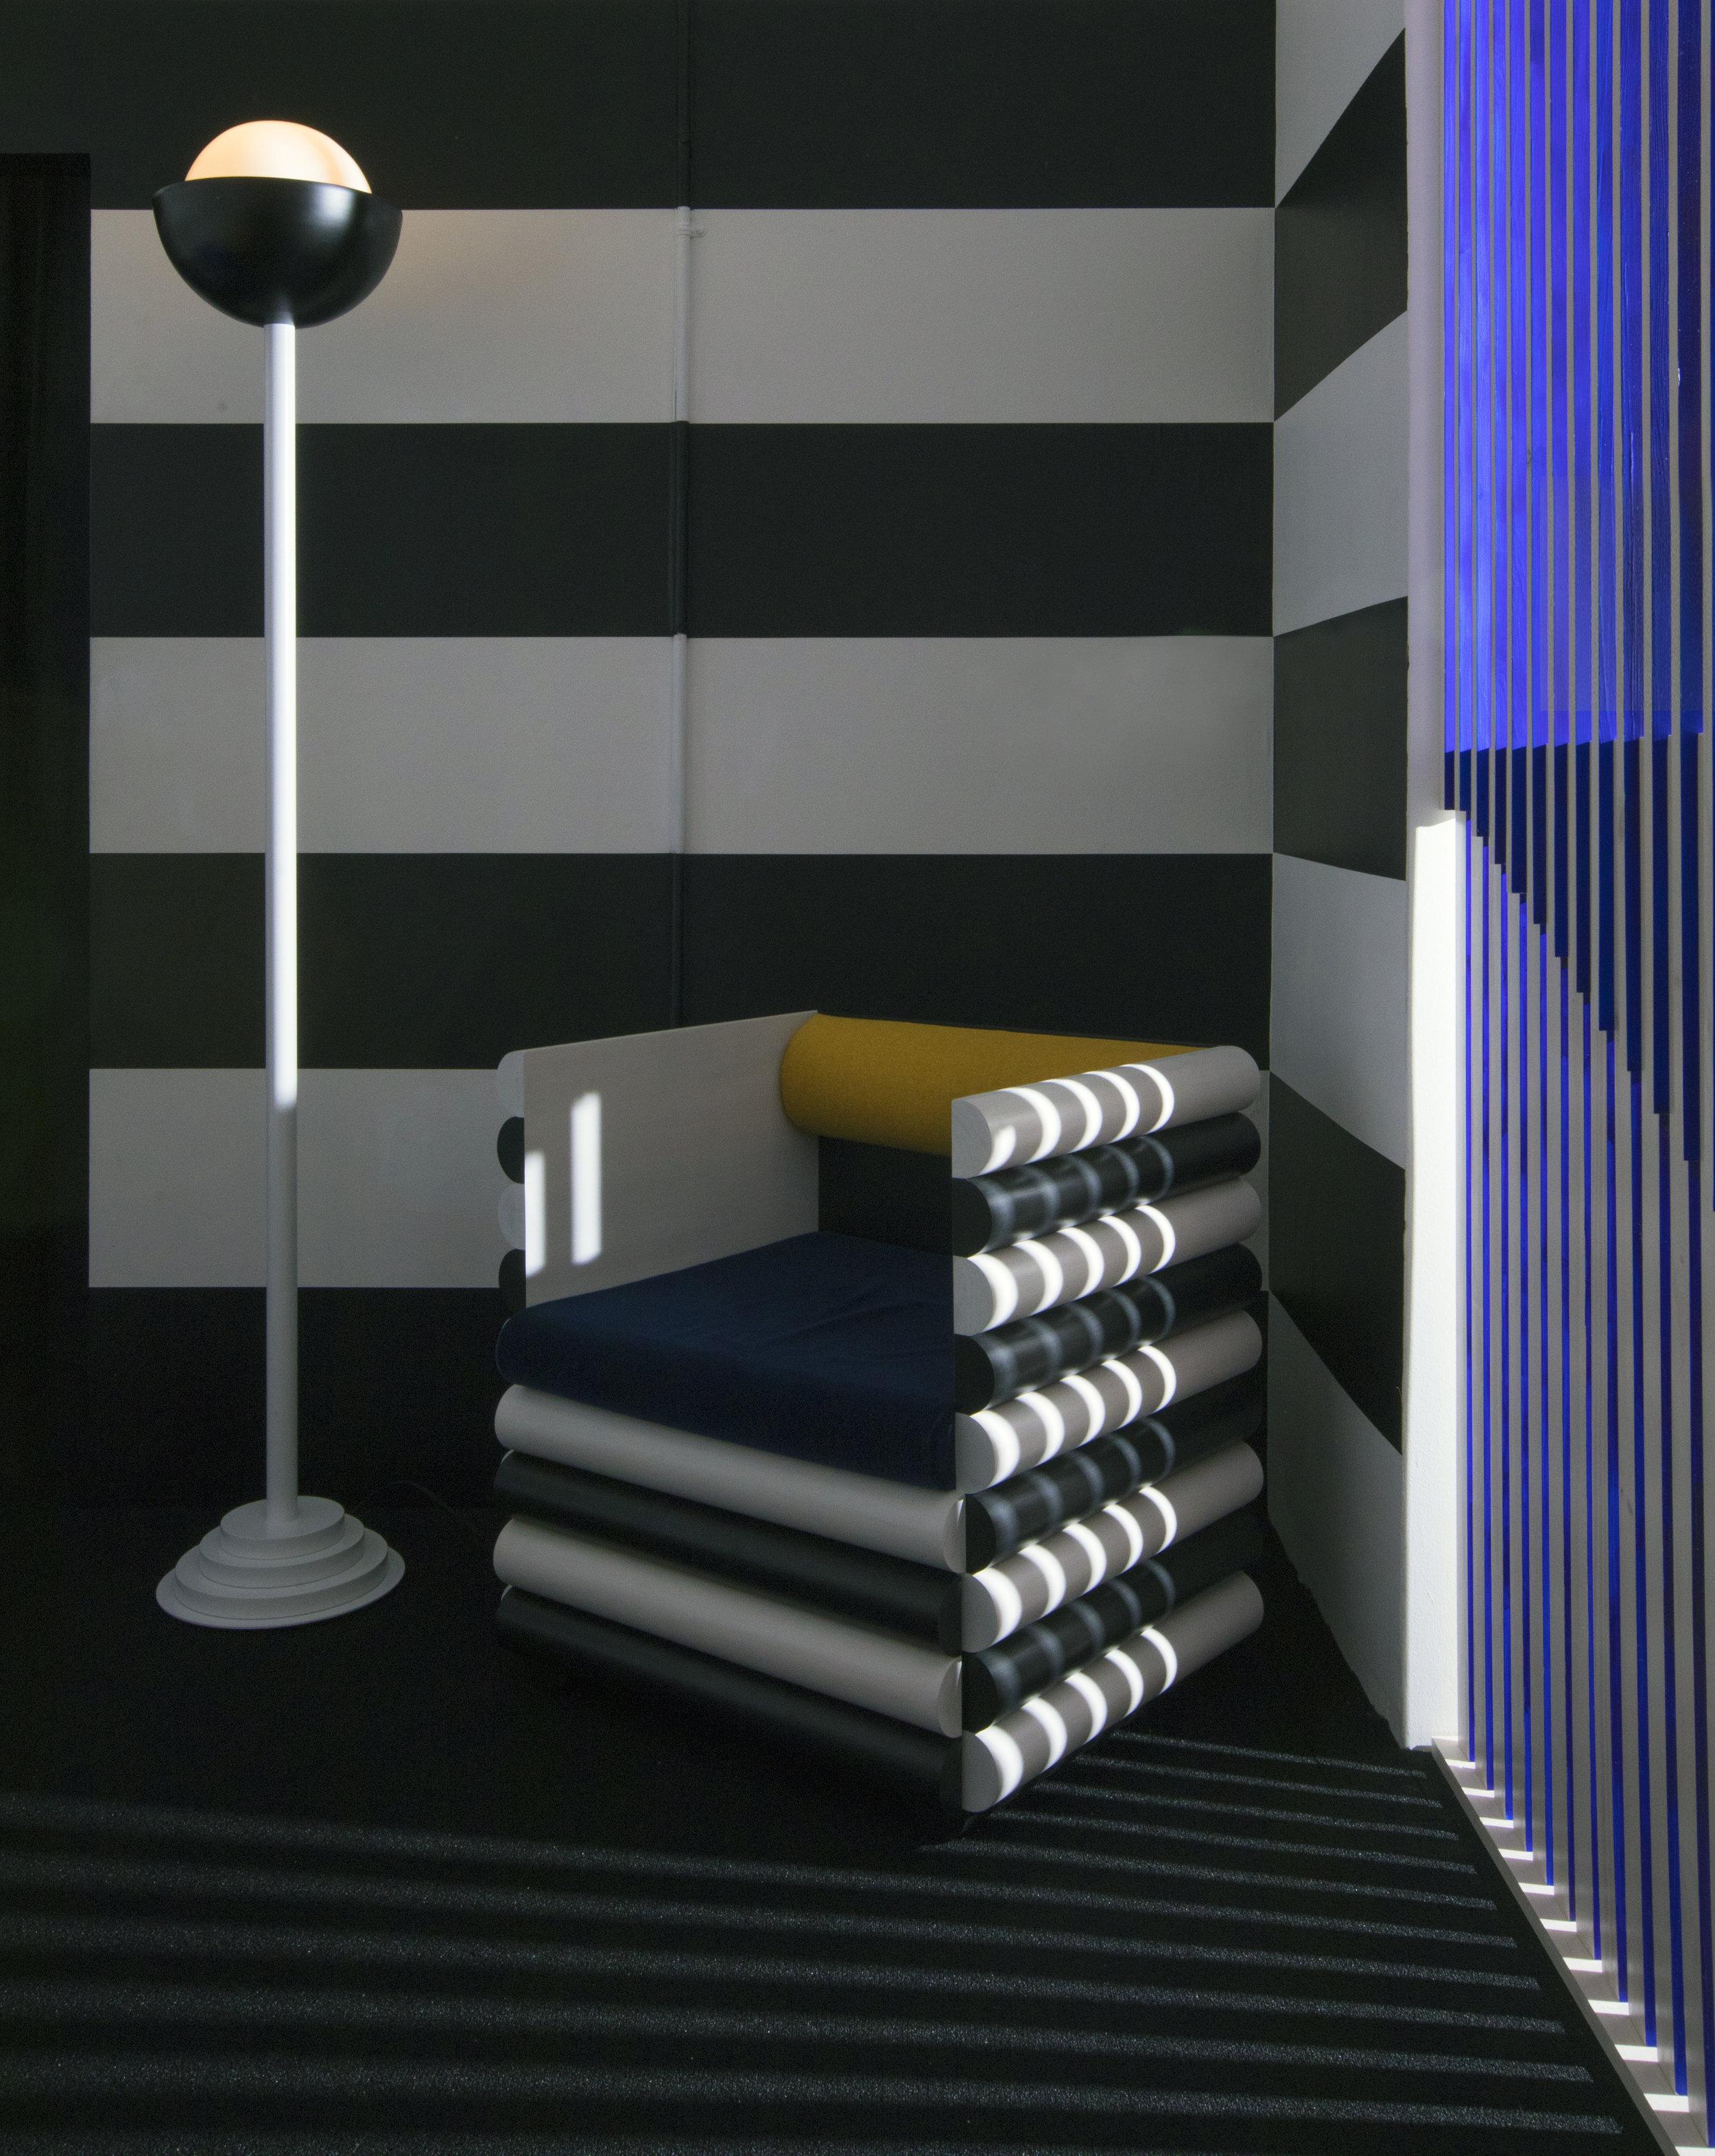 Hotel Tonight_Steven Bukowski x Hannah Bigeleisen_credit Charlie Schuck9.jpg